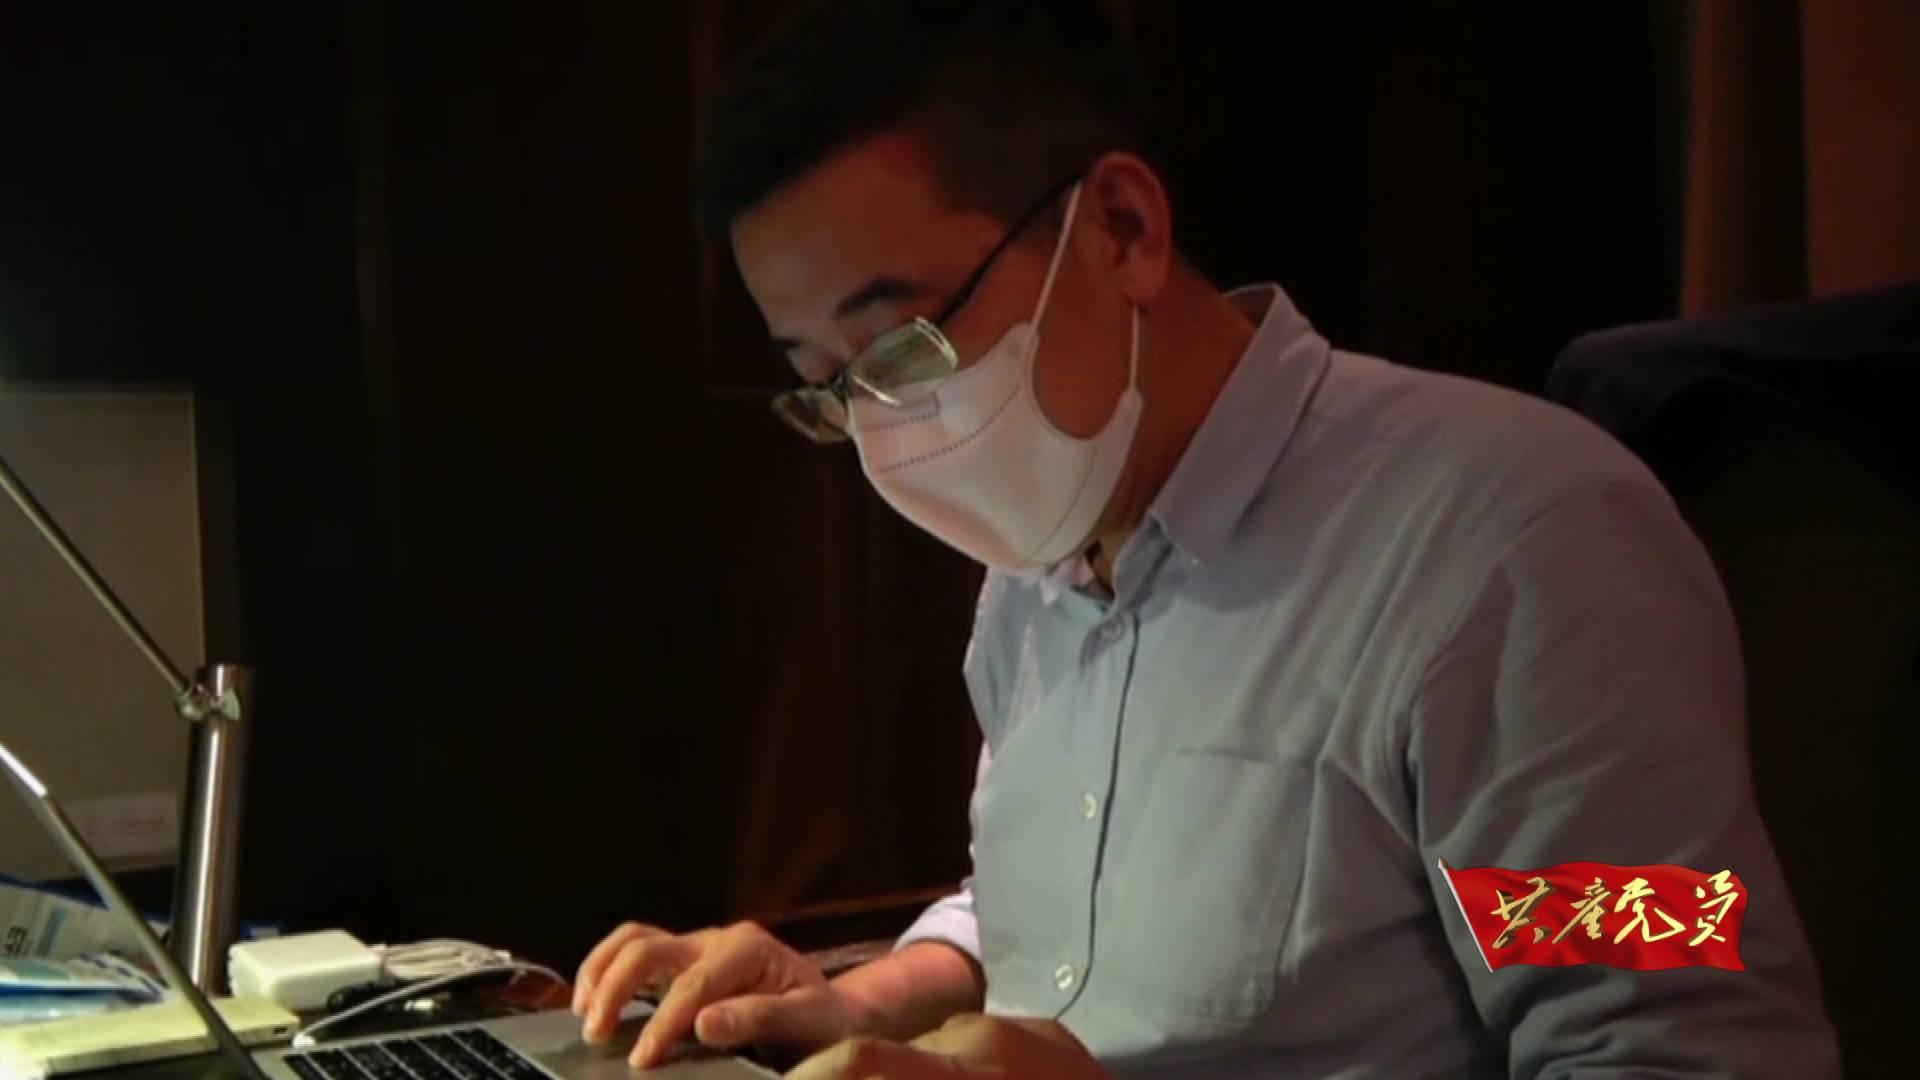 邱海波:临床医生 大国专家